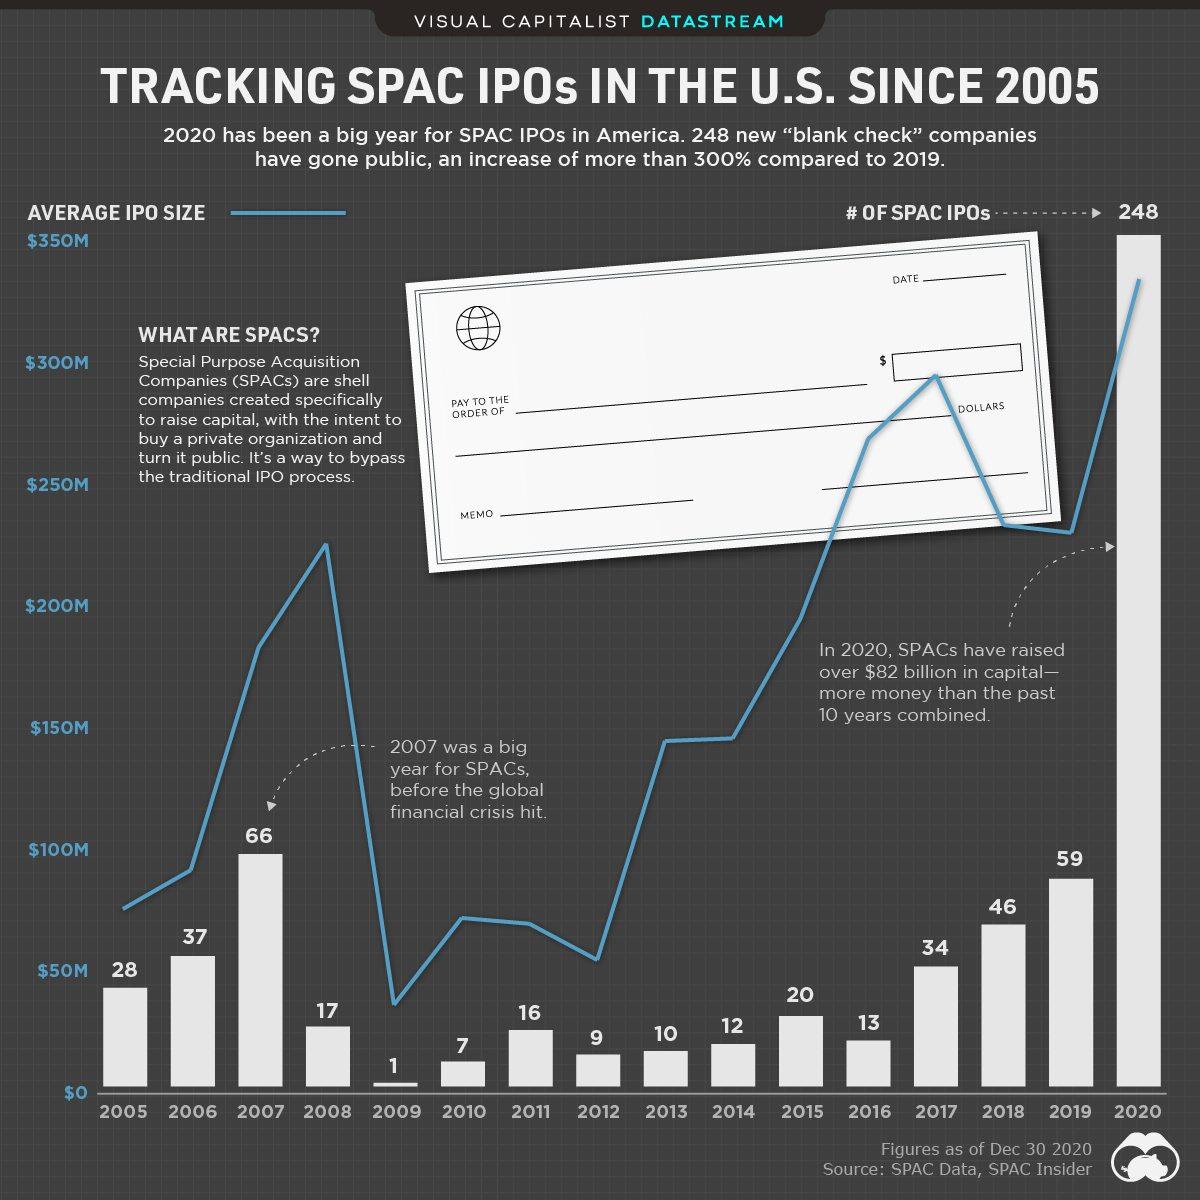 статистика IPO SPAC компаний в США